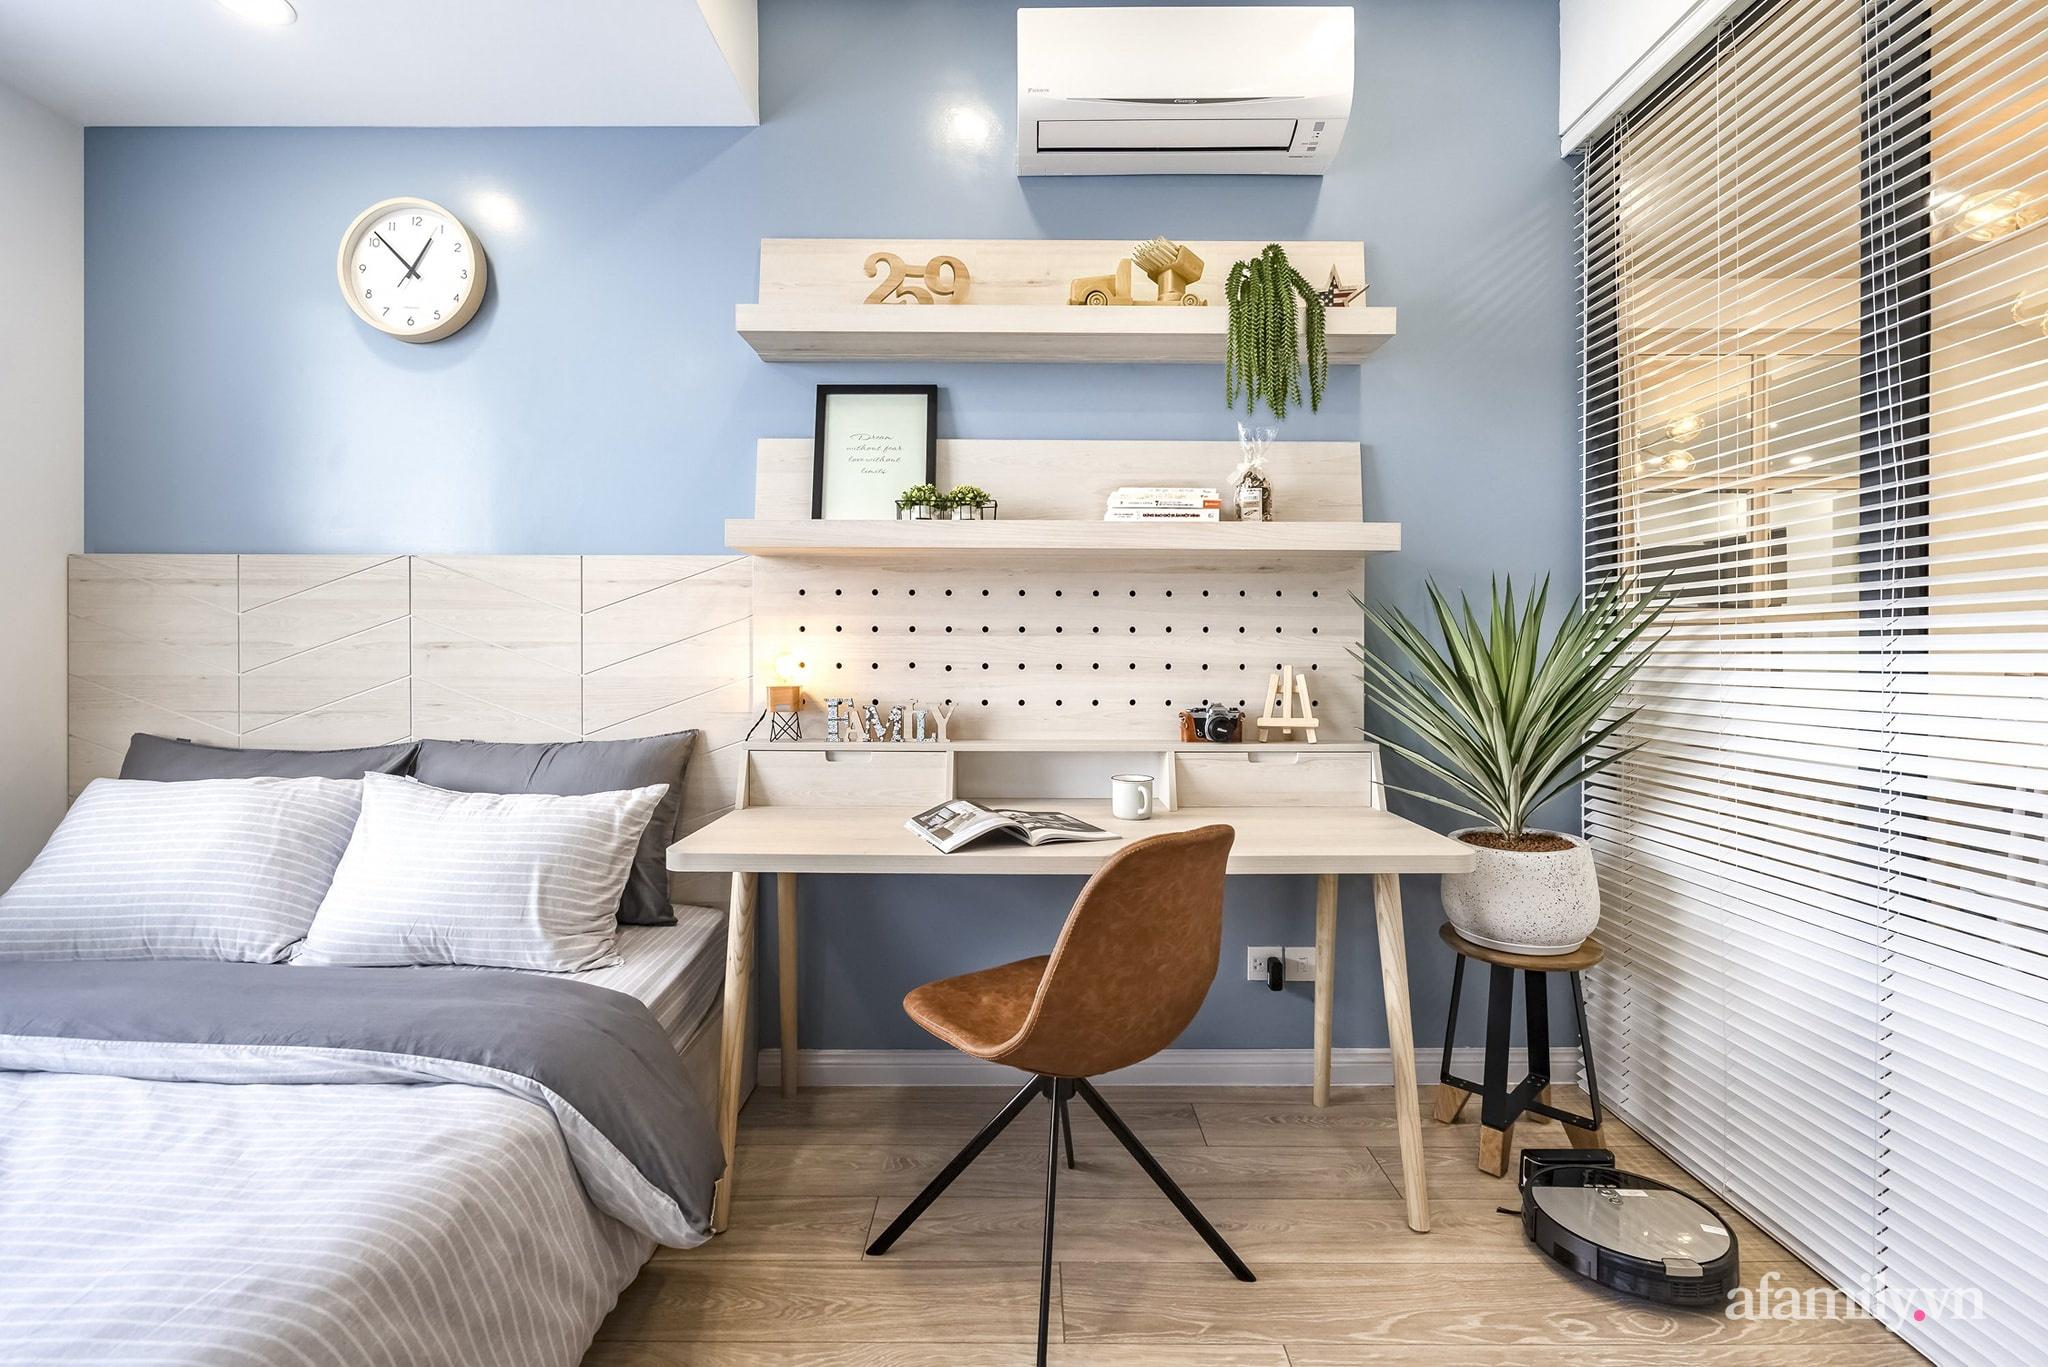 Căn hộ 65m² màu xanh yên bình của chàng trai quyết tâm mua nhà trước tuổi 30 ở Sài Gòn - Ảnh 11.